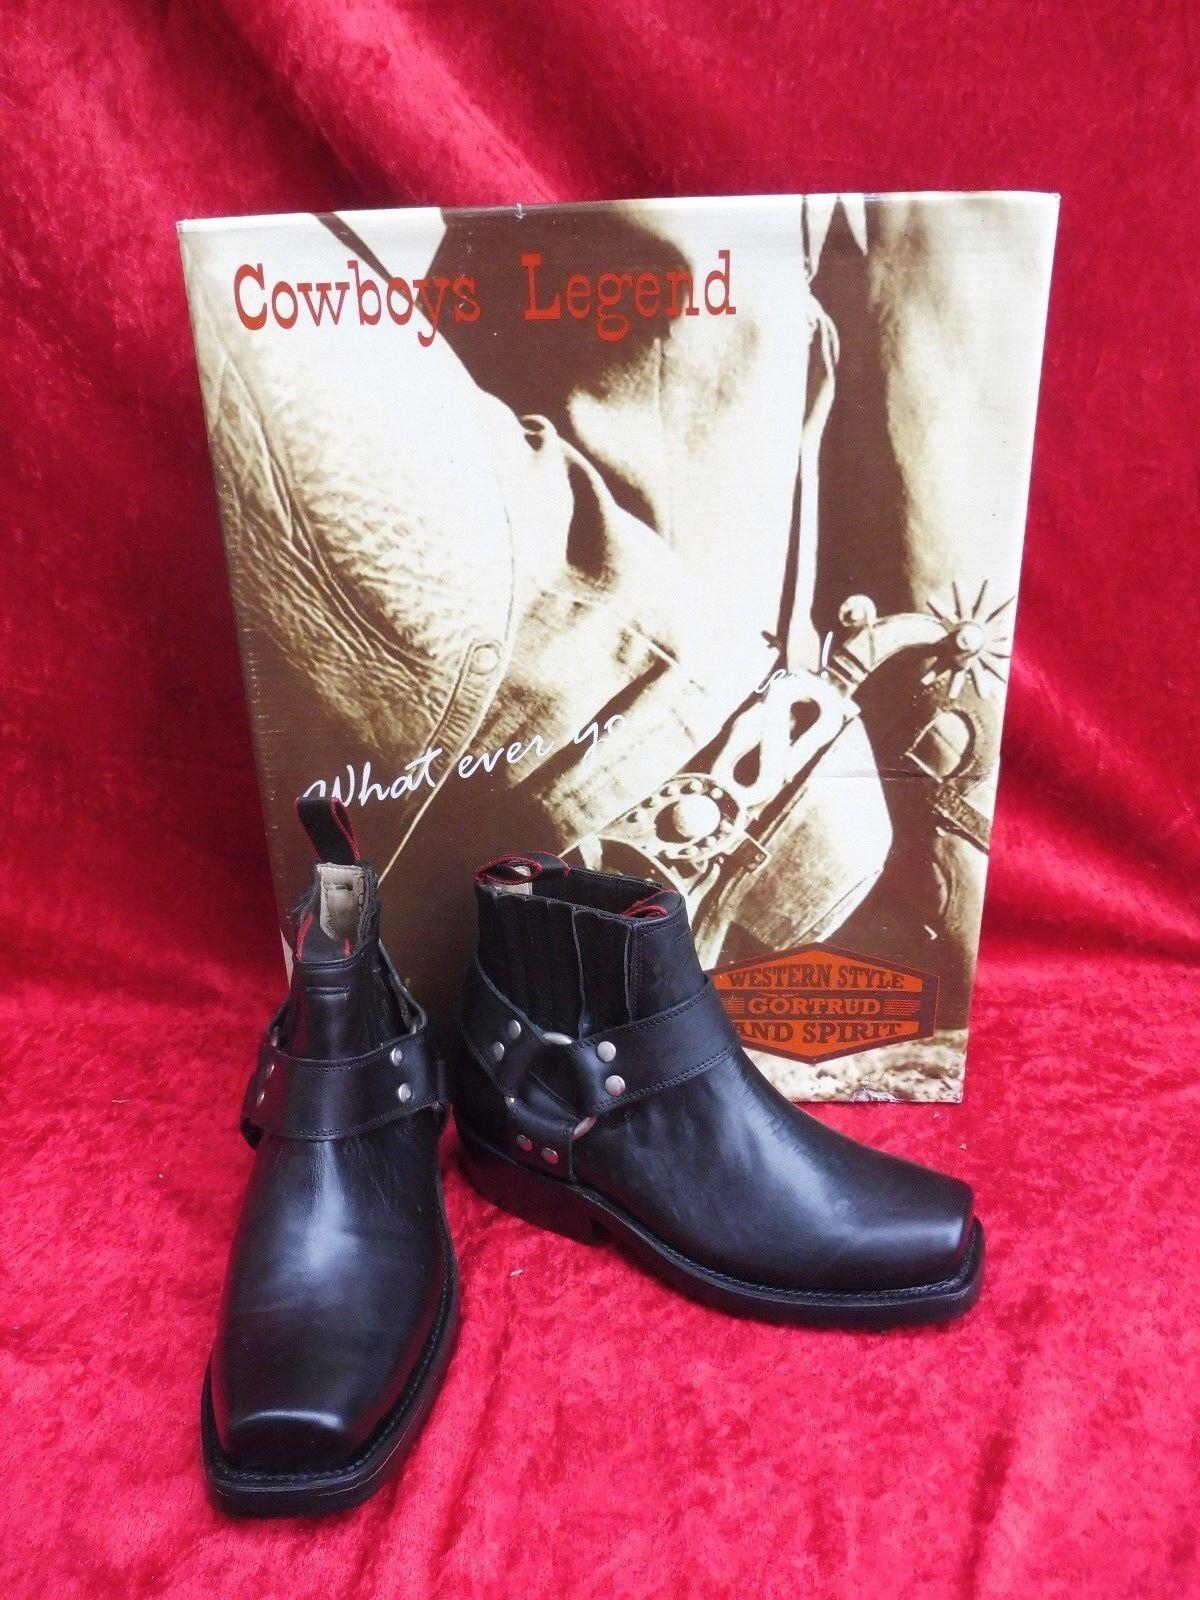 outlet online economico Bella Cowboy Stivali __ dimensioni 37 37 37 __ Pelle __ NERO __ NUOVO __ Cowboy Legend __ Stivaletti  online al miglior prezzo